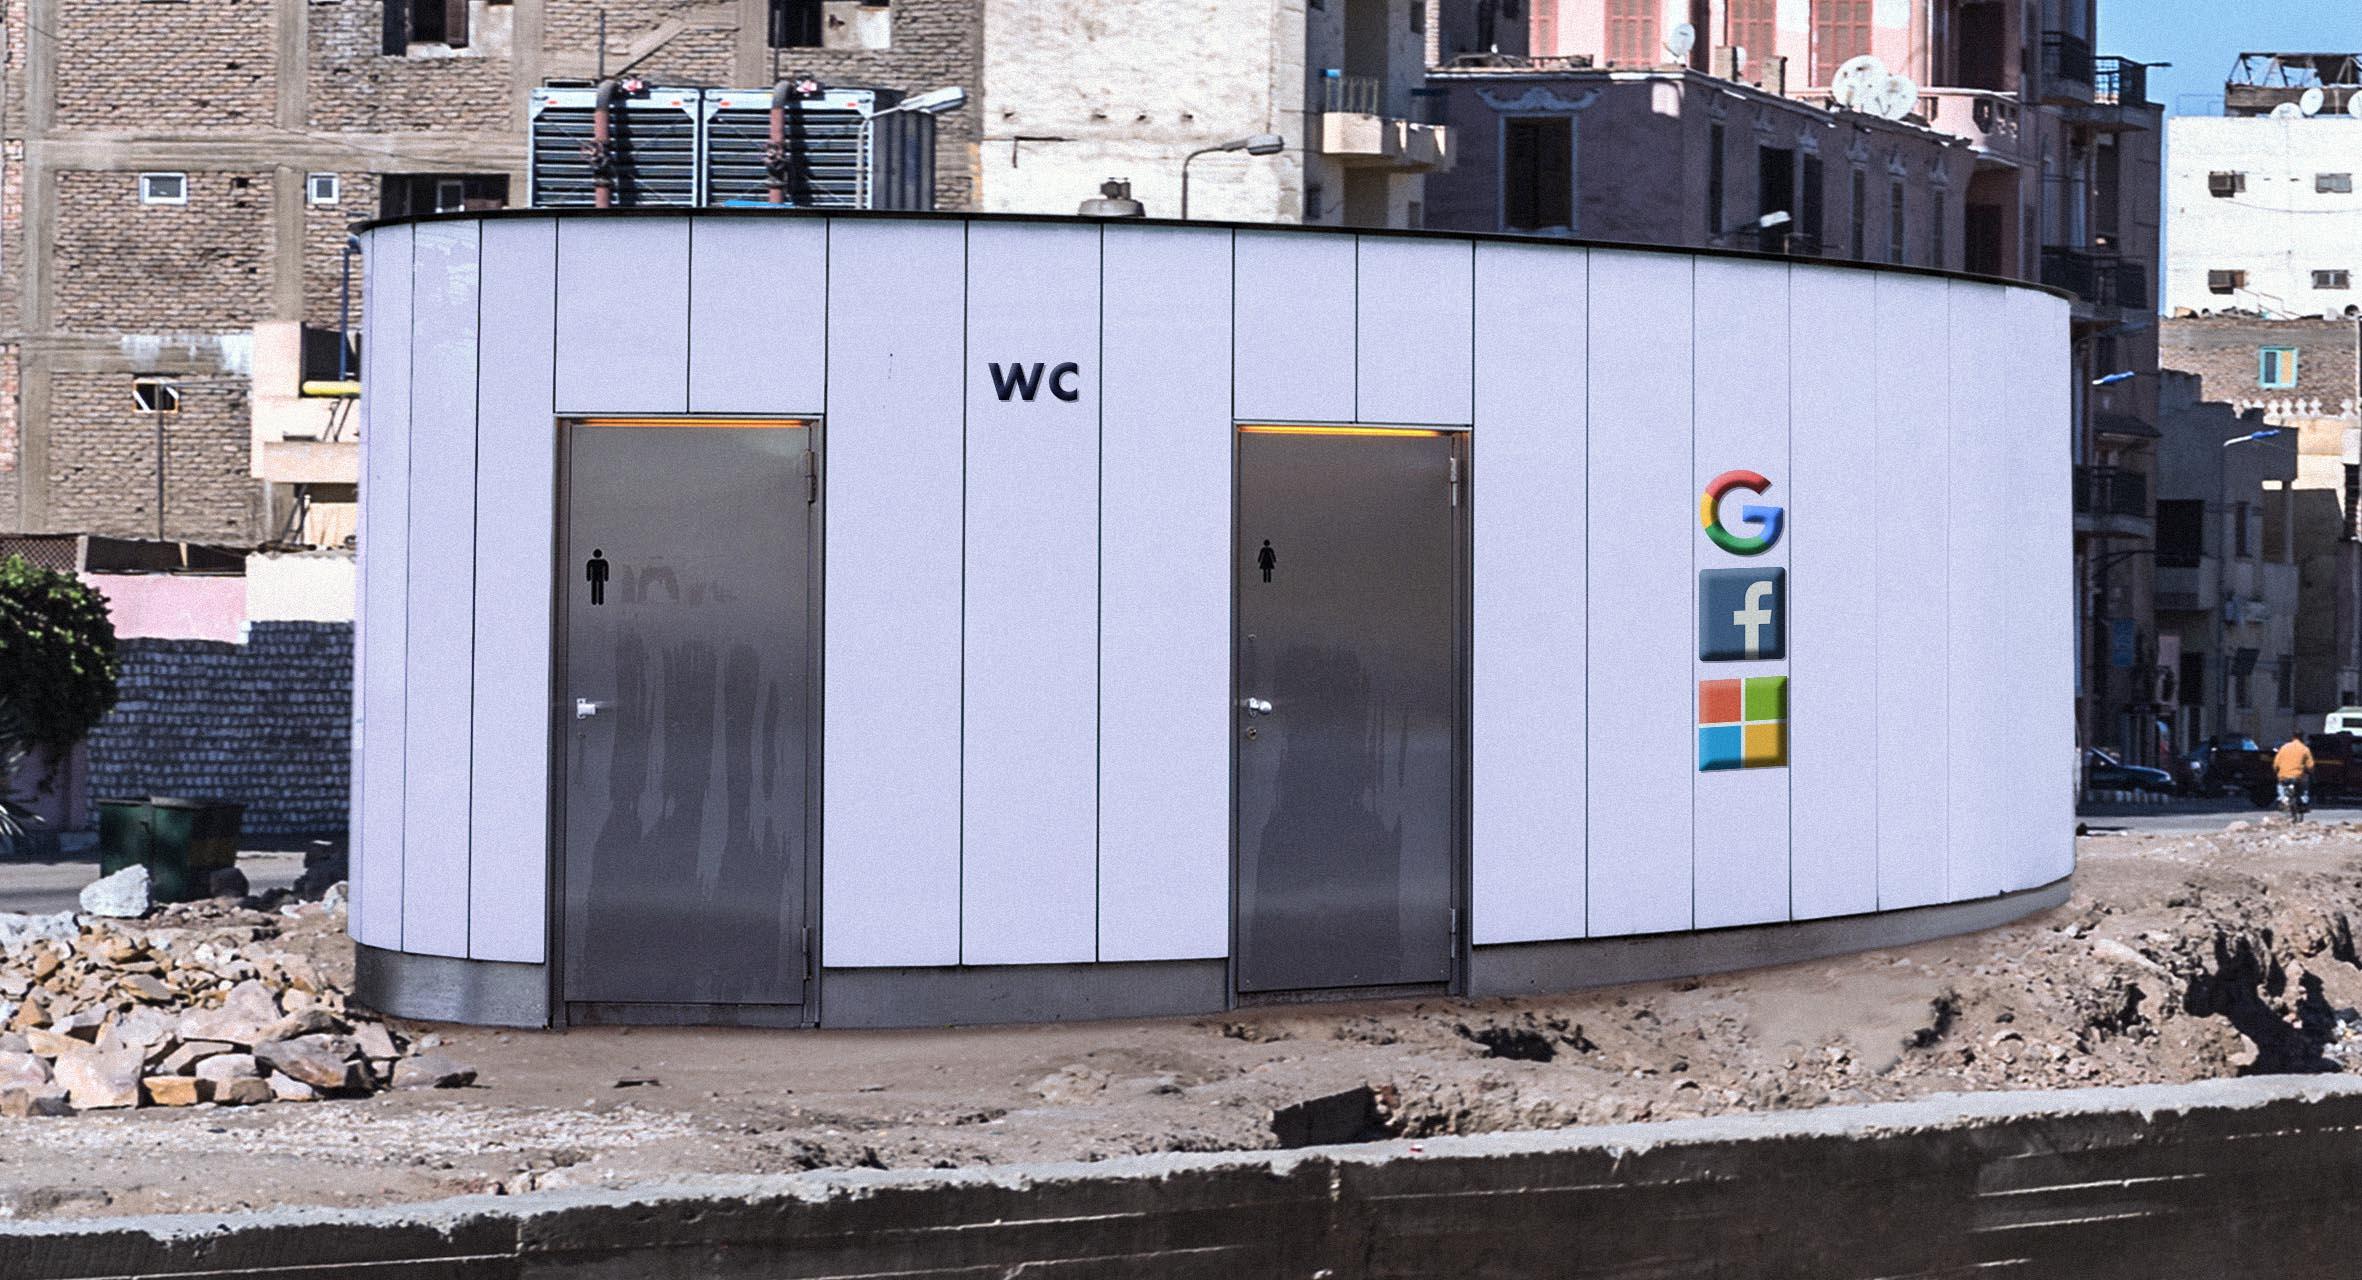 صورة فيسبوك وغوغل ومايكروسوفت يشتركون ببناء مراحيض عامة في الدول النامية تعويضاً عن الضرائب